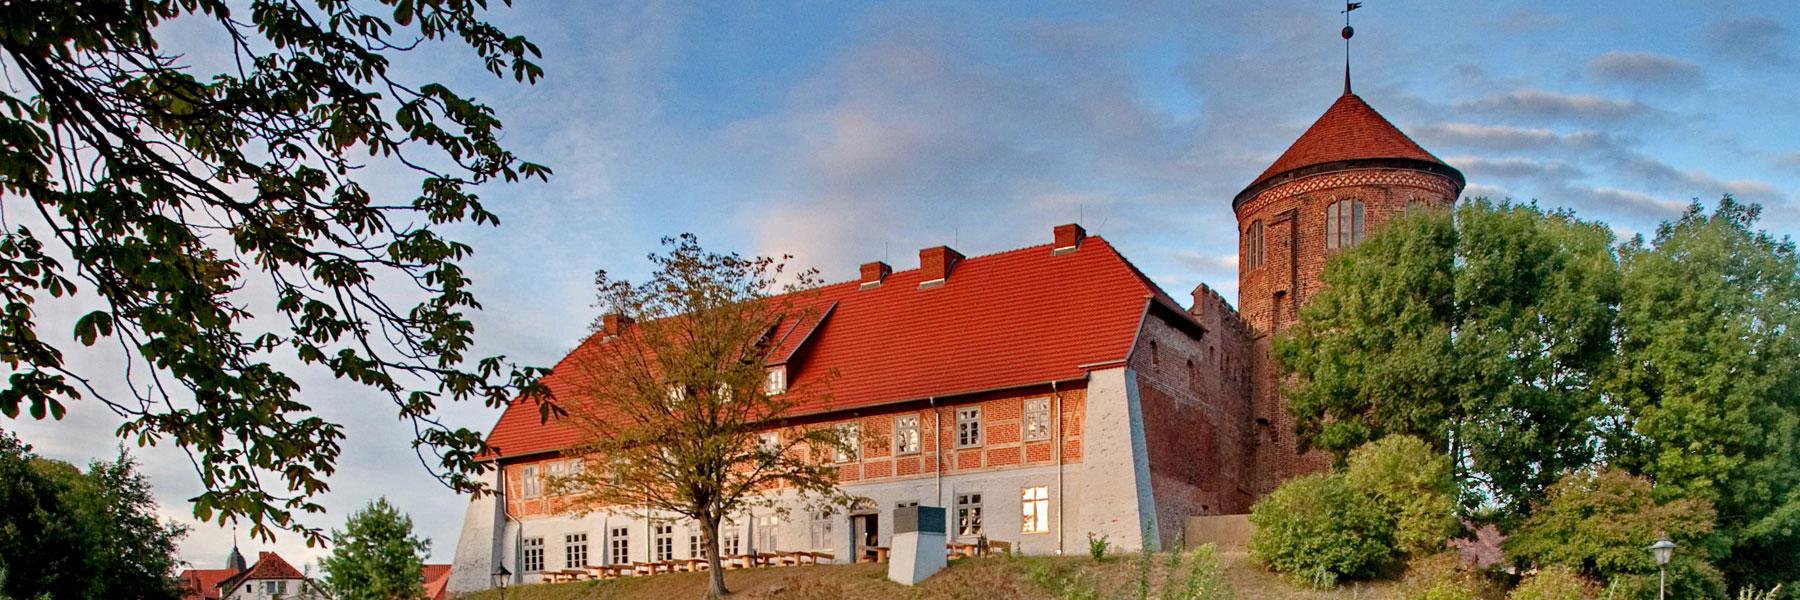 Burg - Burg Restaurant und Eventgastronomie